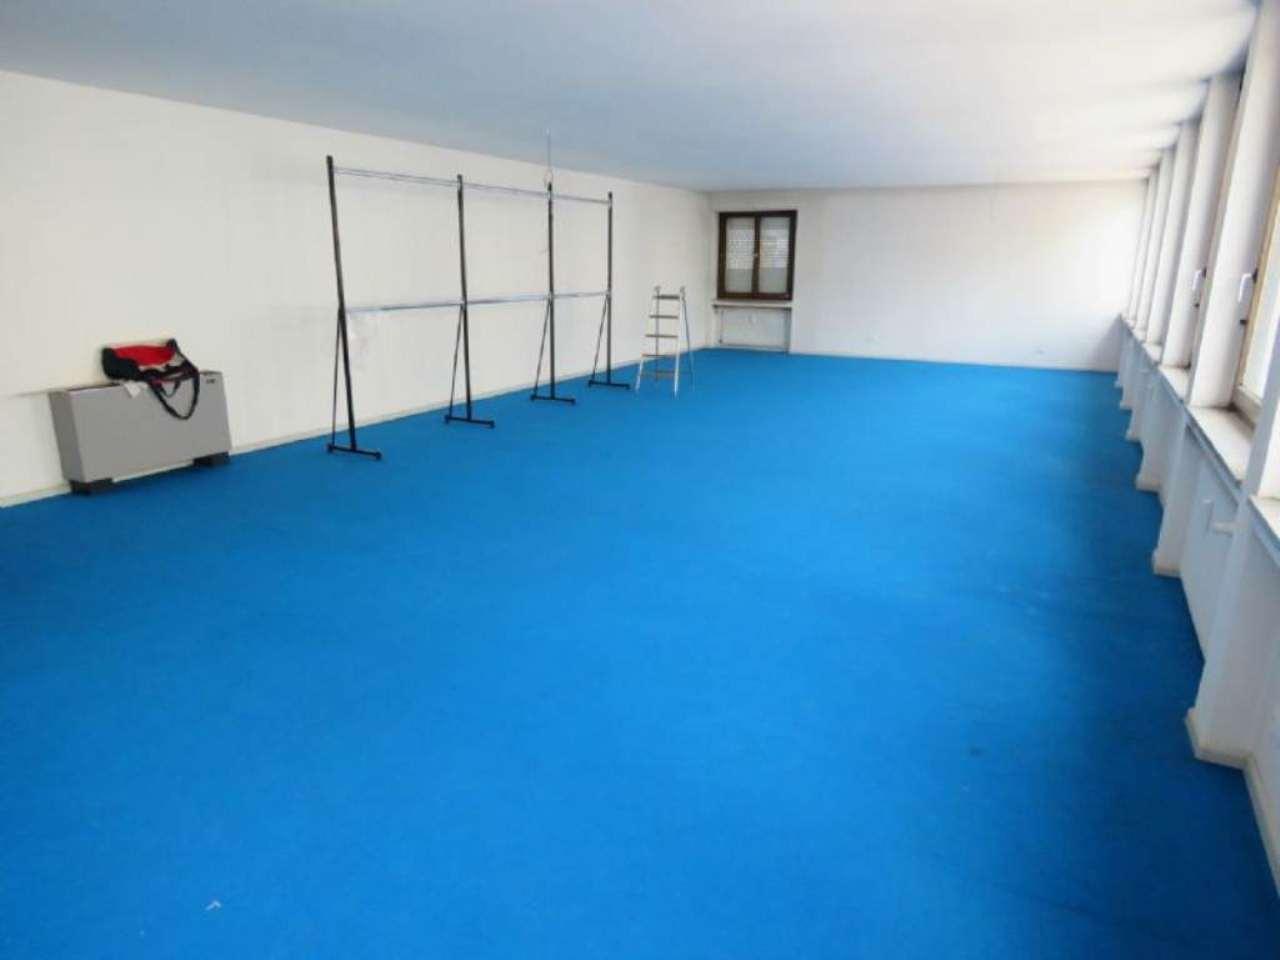 Ufficio / Studio in vendita a Merano, 1 locali, prezzo € 310.000 | Cambio Casa.it